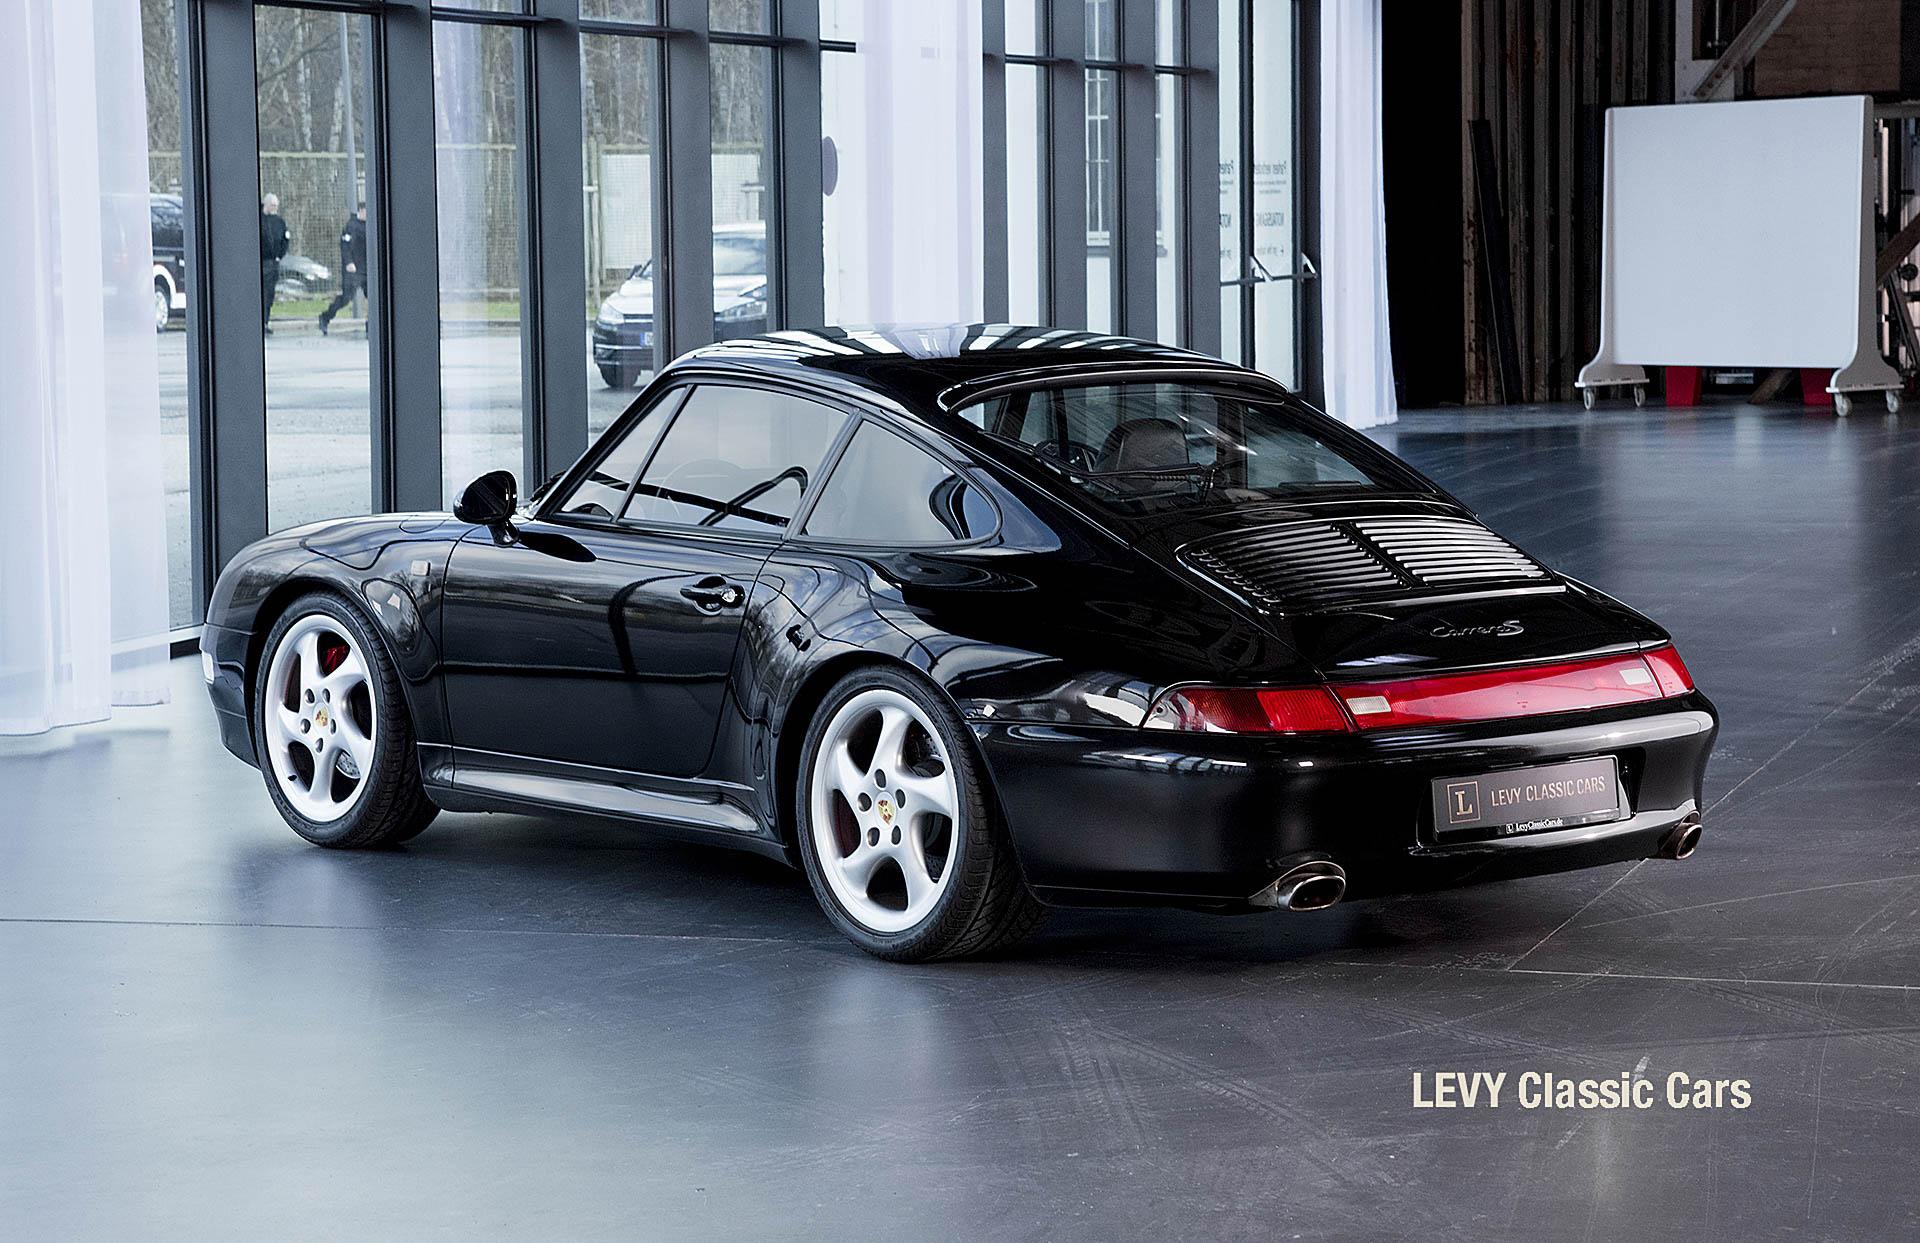 geschaerft Porsche Carrera 2 S 11679 76